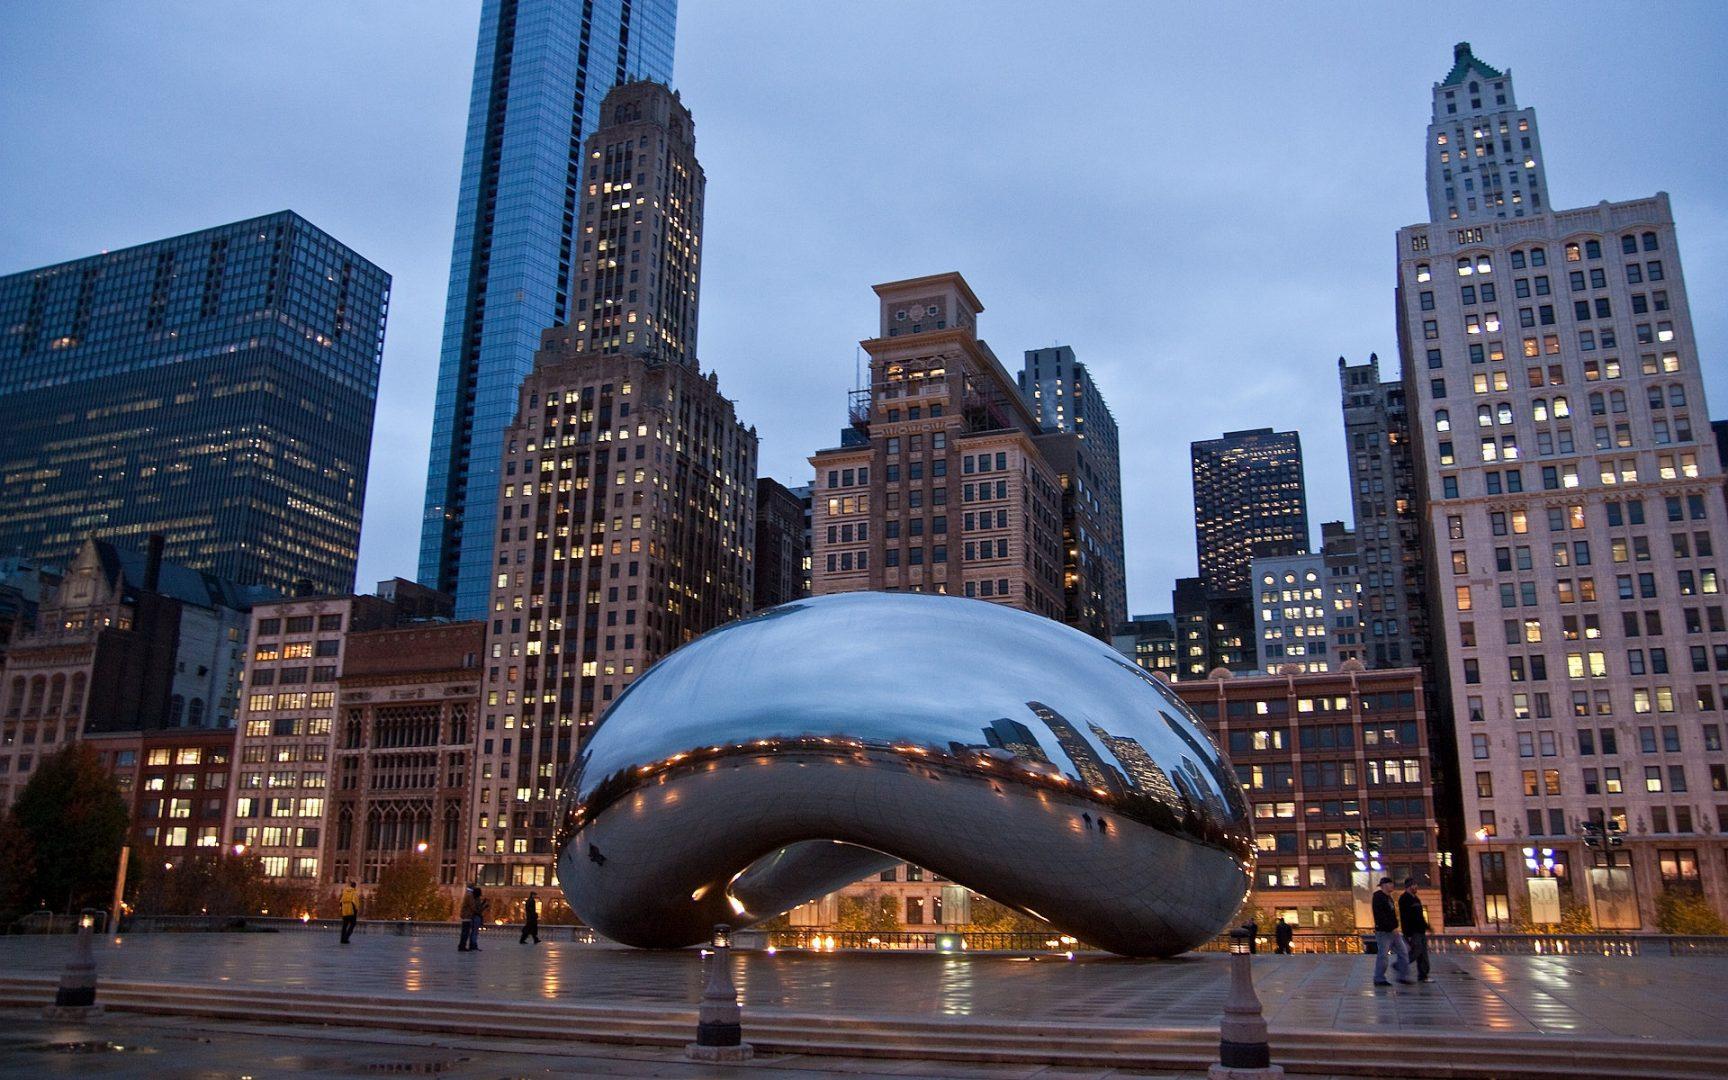 ¡No te pierdas la oportunidad de realizar un intercambio en Chicago!